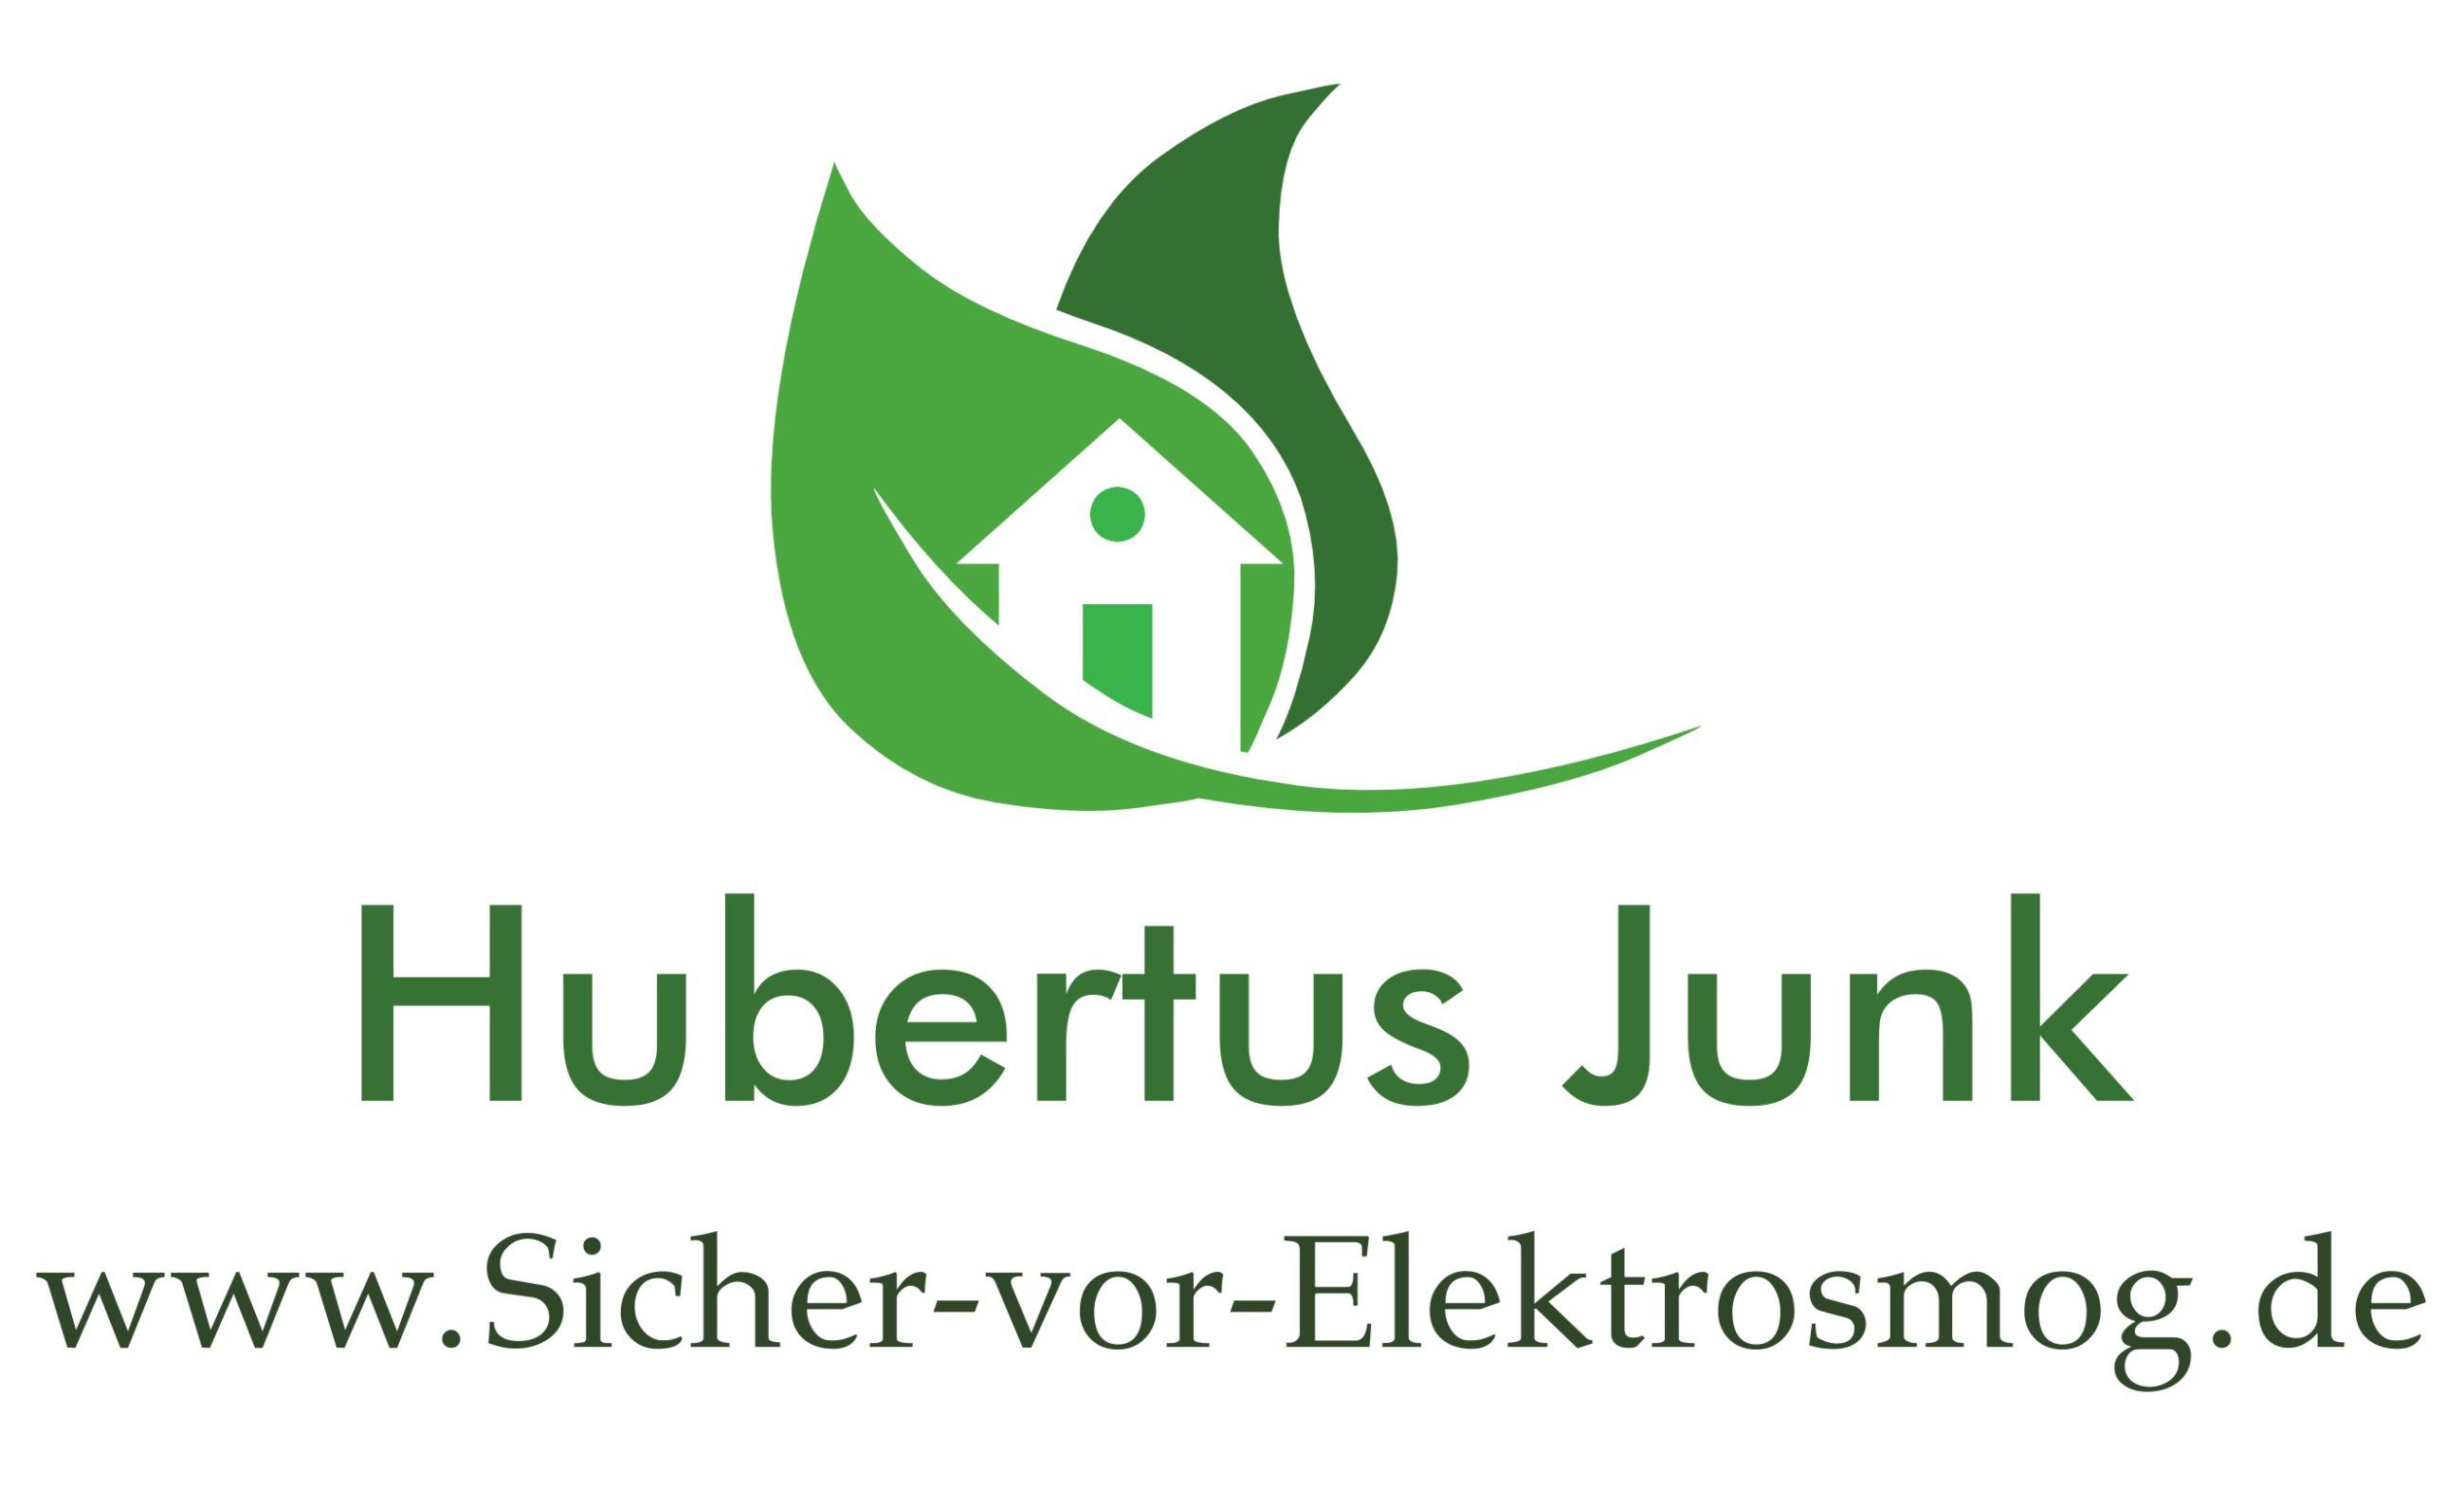 Hubertus Junk - www.Sicher-vor-Elektrosmog.de